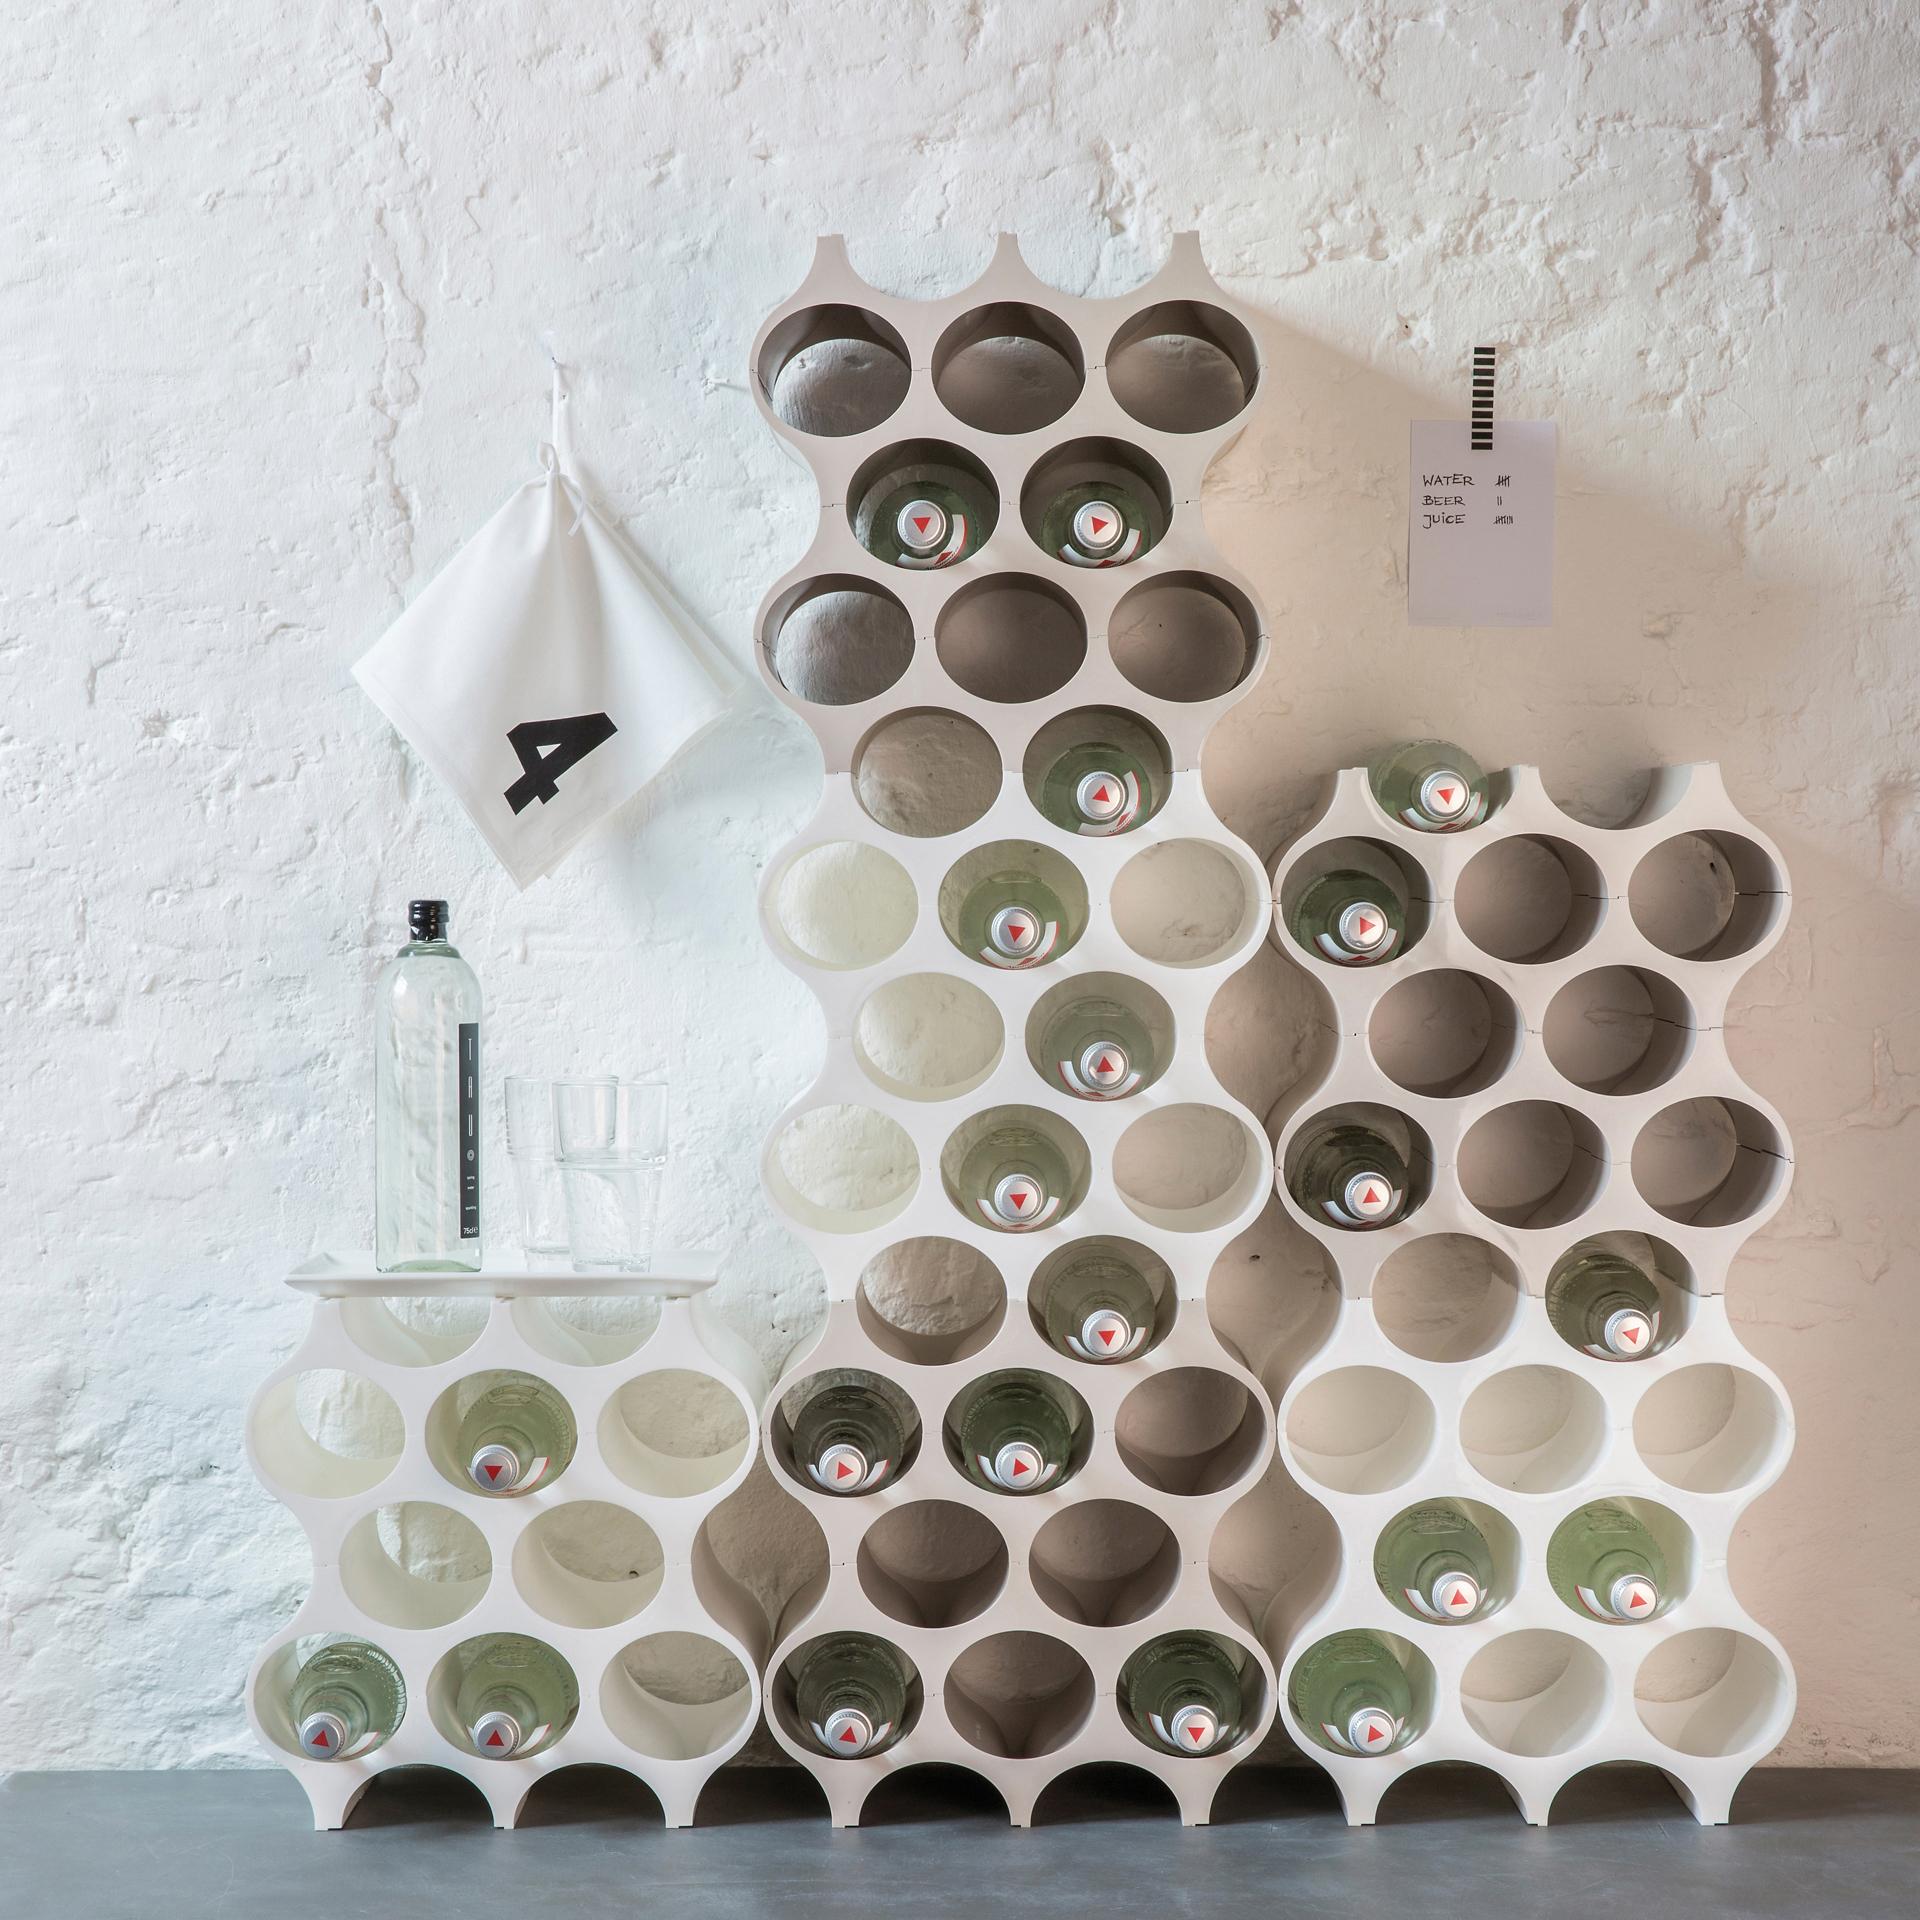 koziol online shop set up flaschenregal. Black Bedroom Furniture Sets. Home Design Ideas